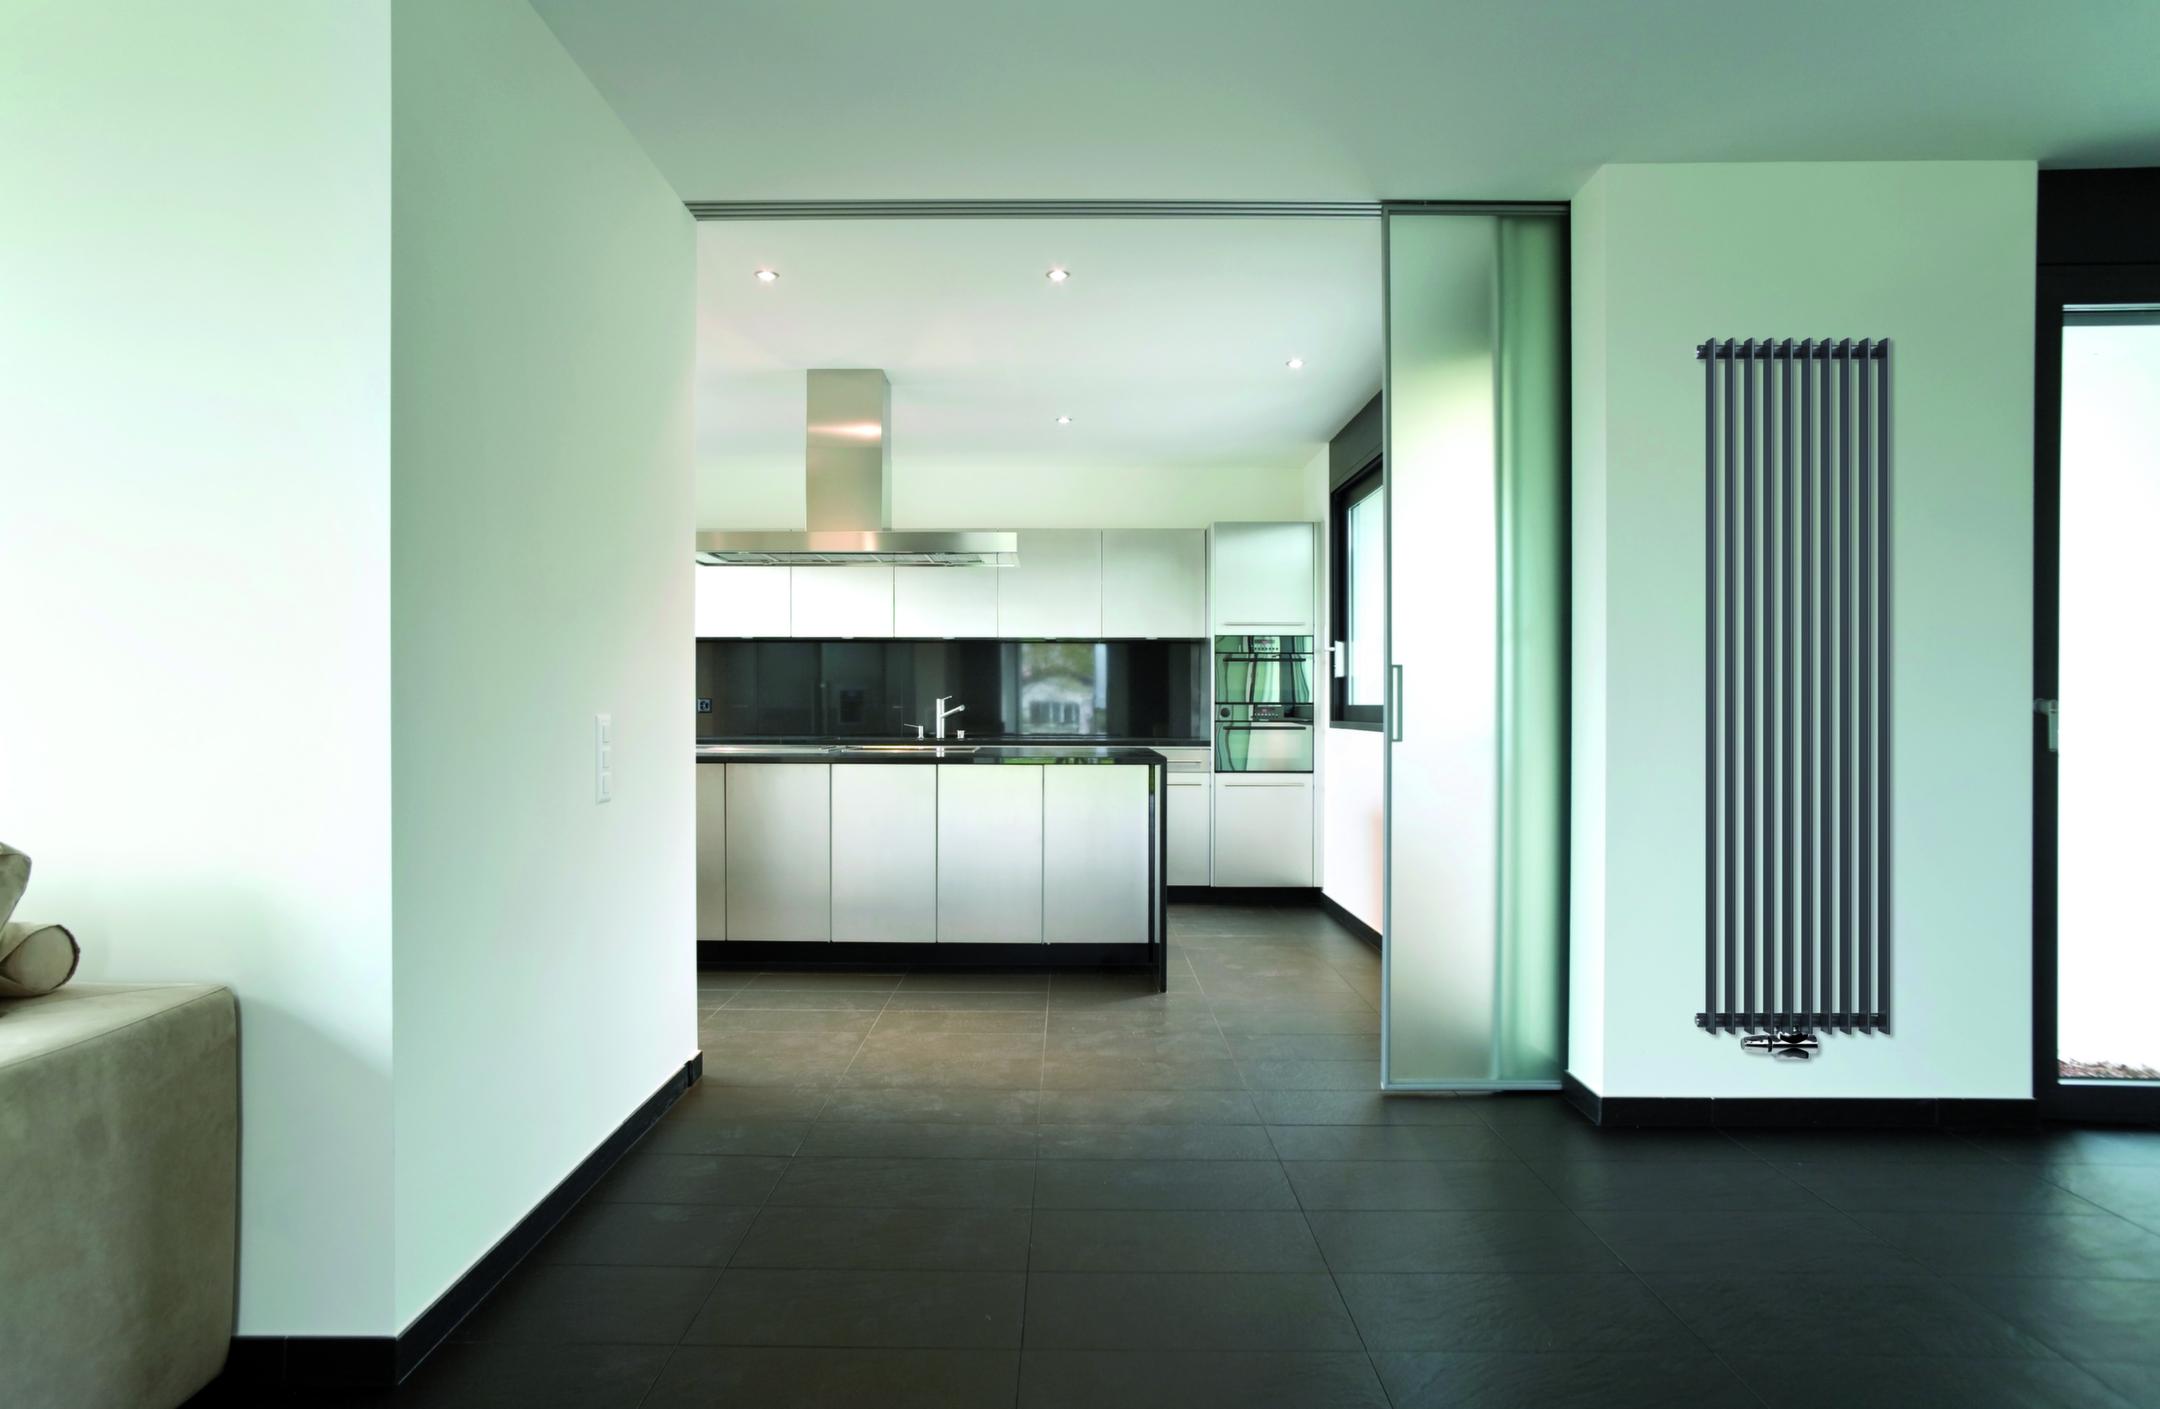 stelrad. Black Bedroom Furniture Sets. Home Design Ideas